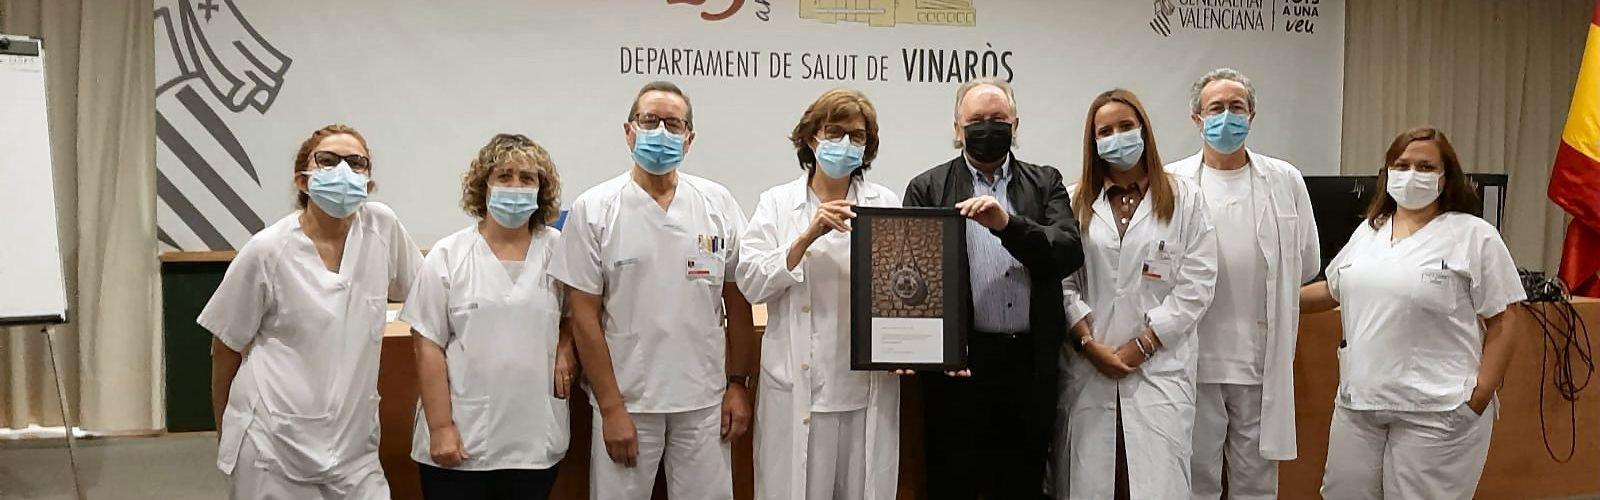 Mostra d'agraïment dedicada al col·lectiu d'Infermera del Departament de Salut de Vinaròs